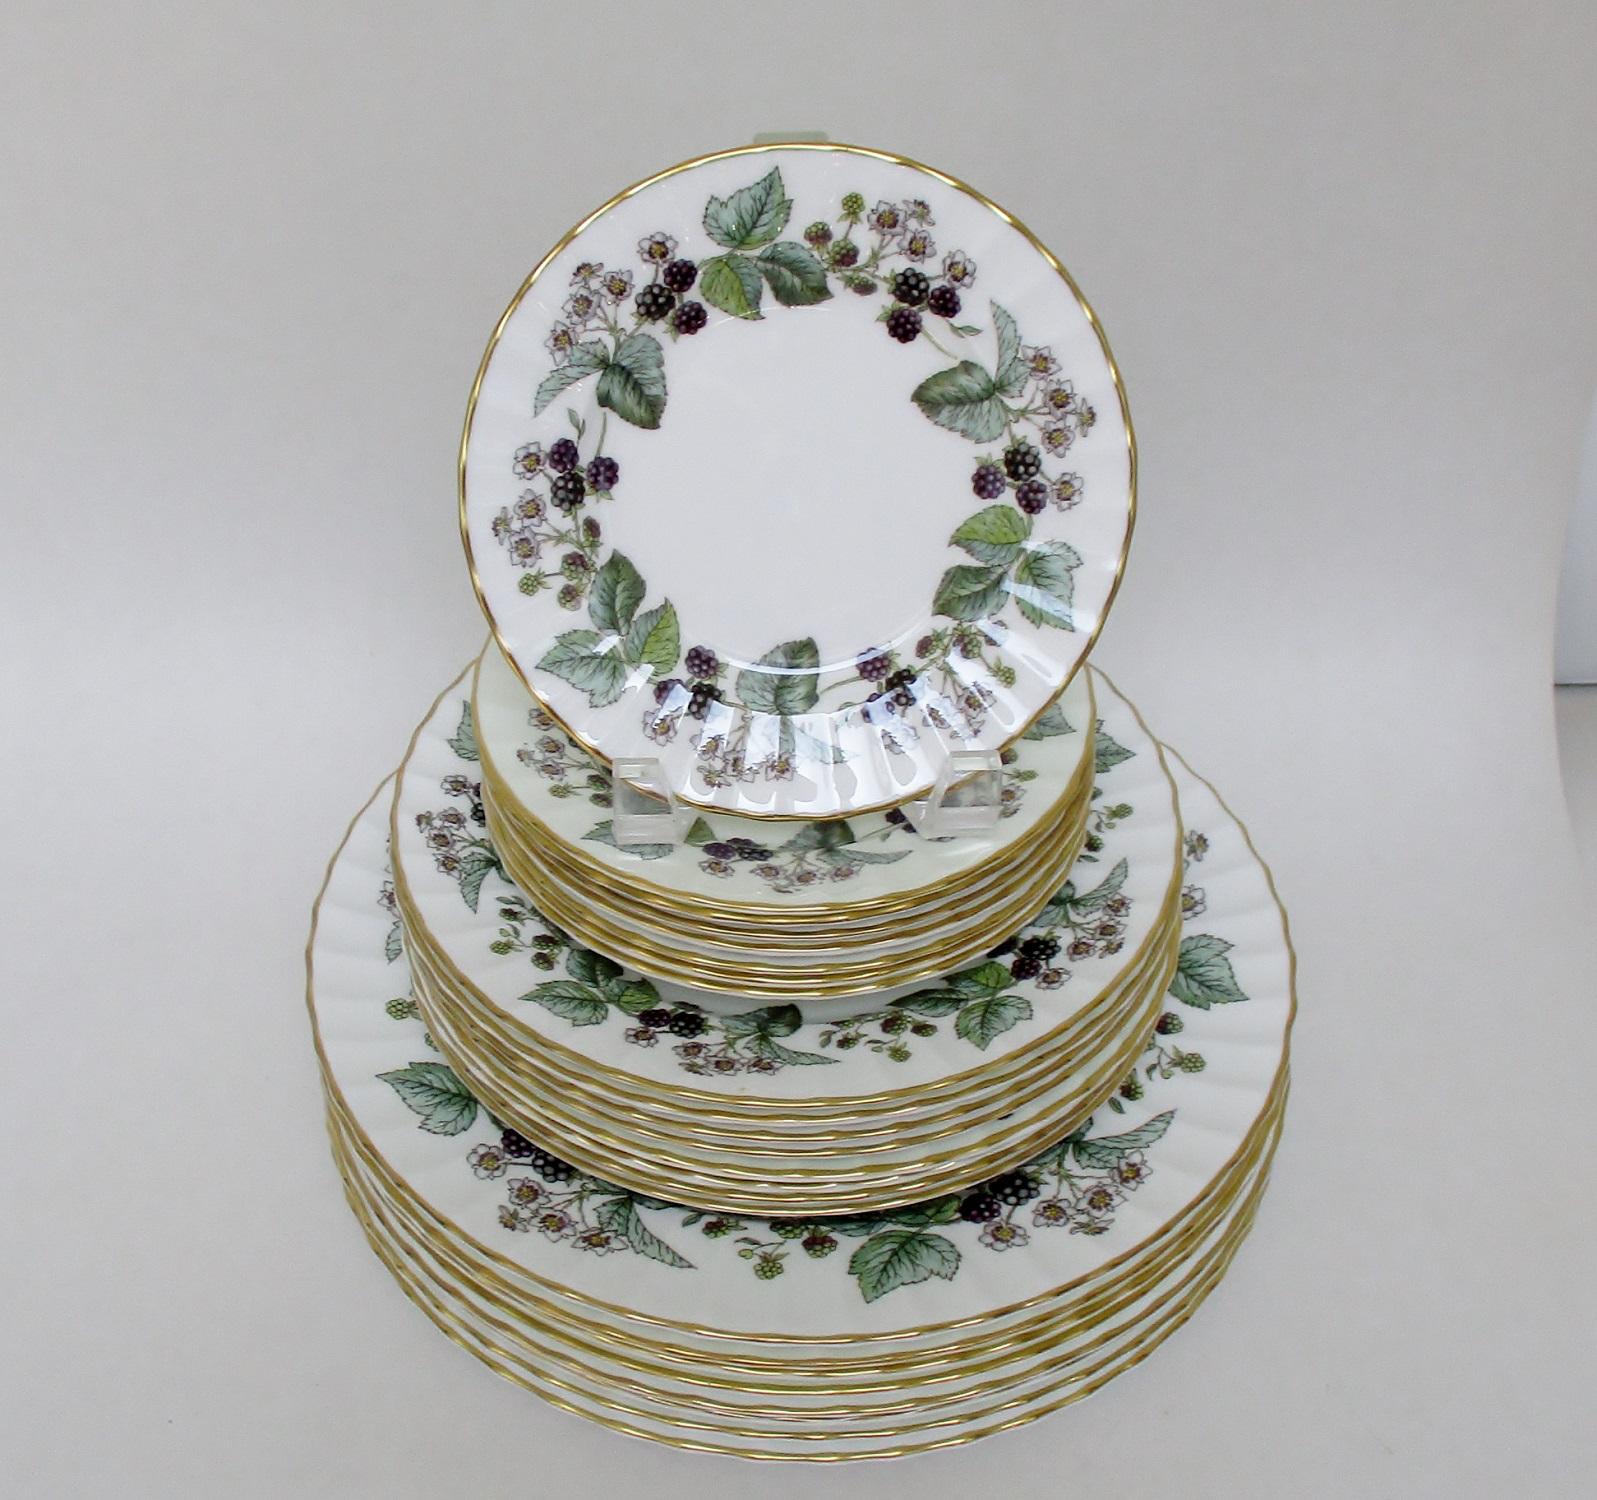 Vintage Royal Worcester Plates - Set of 24 - Image 2 of 7 & Vintage Royal Worcester Plates - Set of 24   Chairish